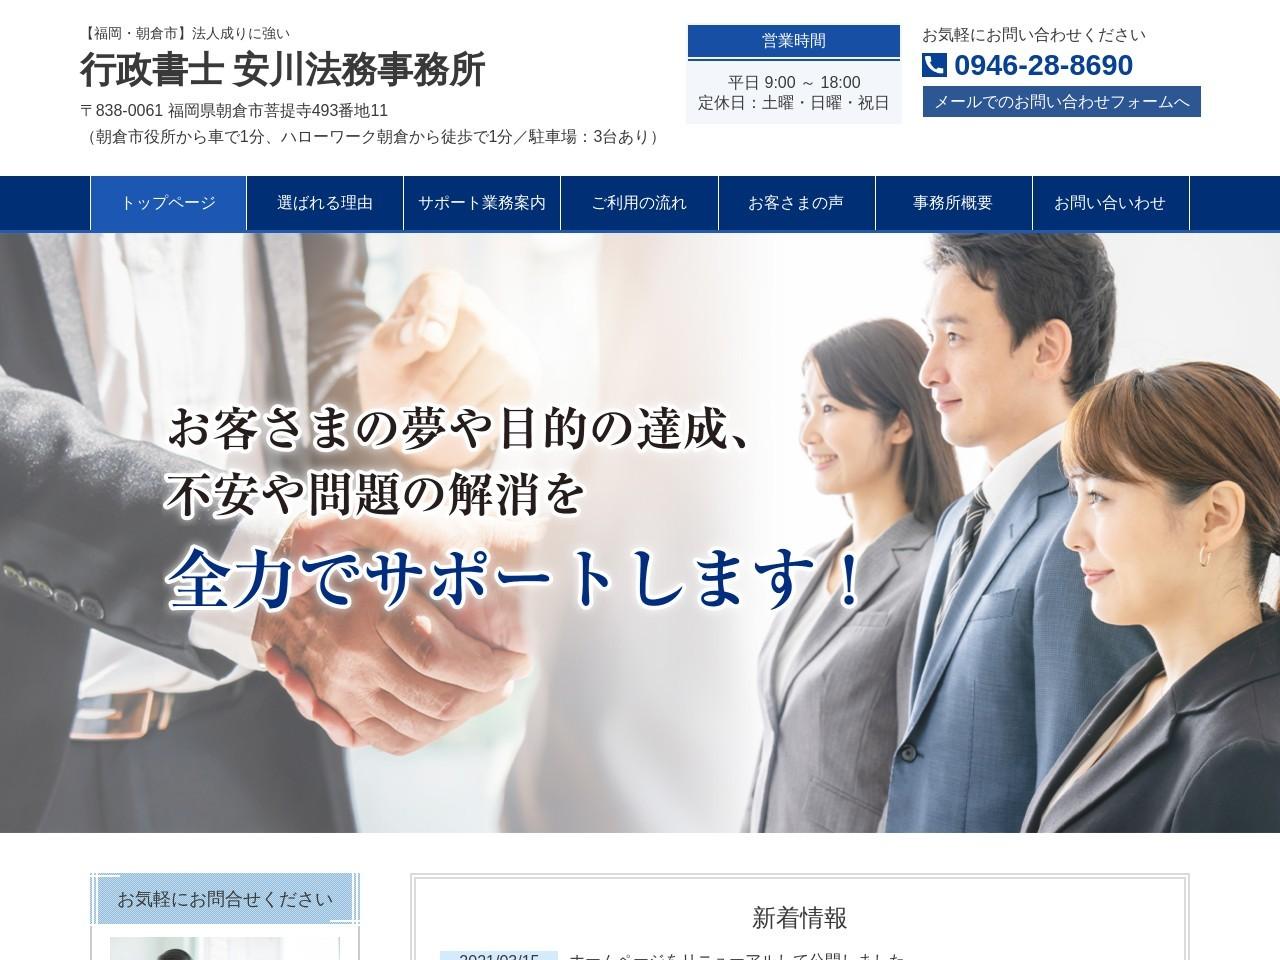 安川行政書士法務事務所